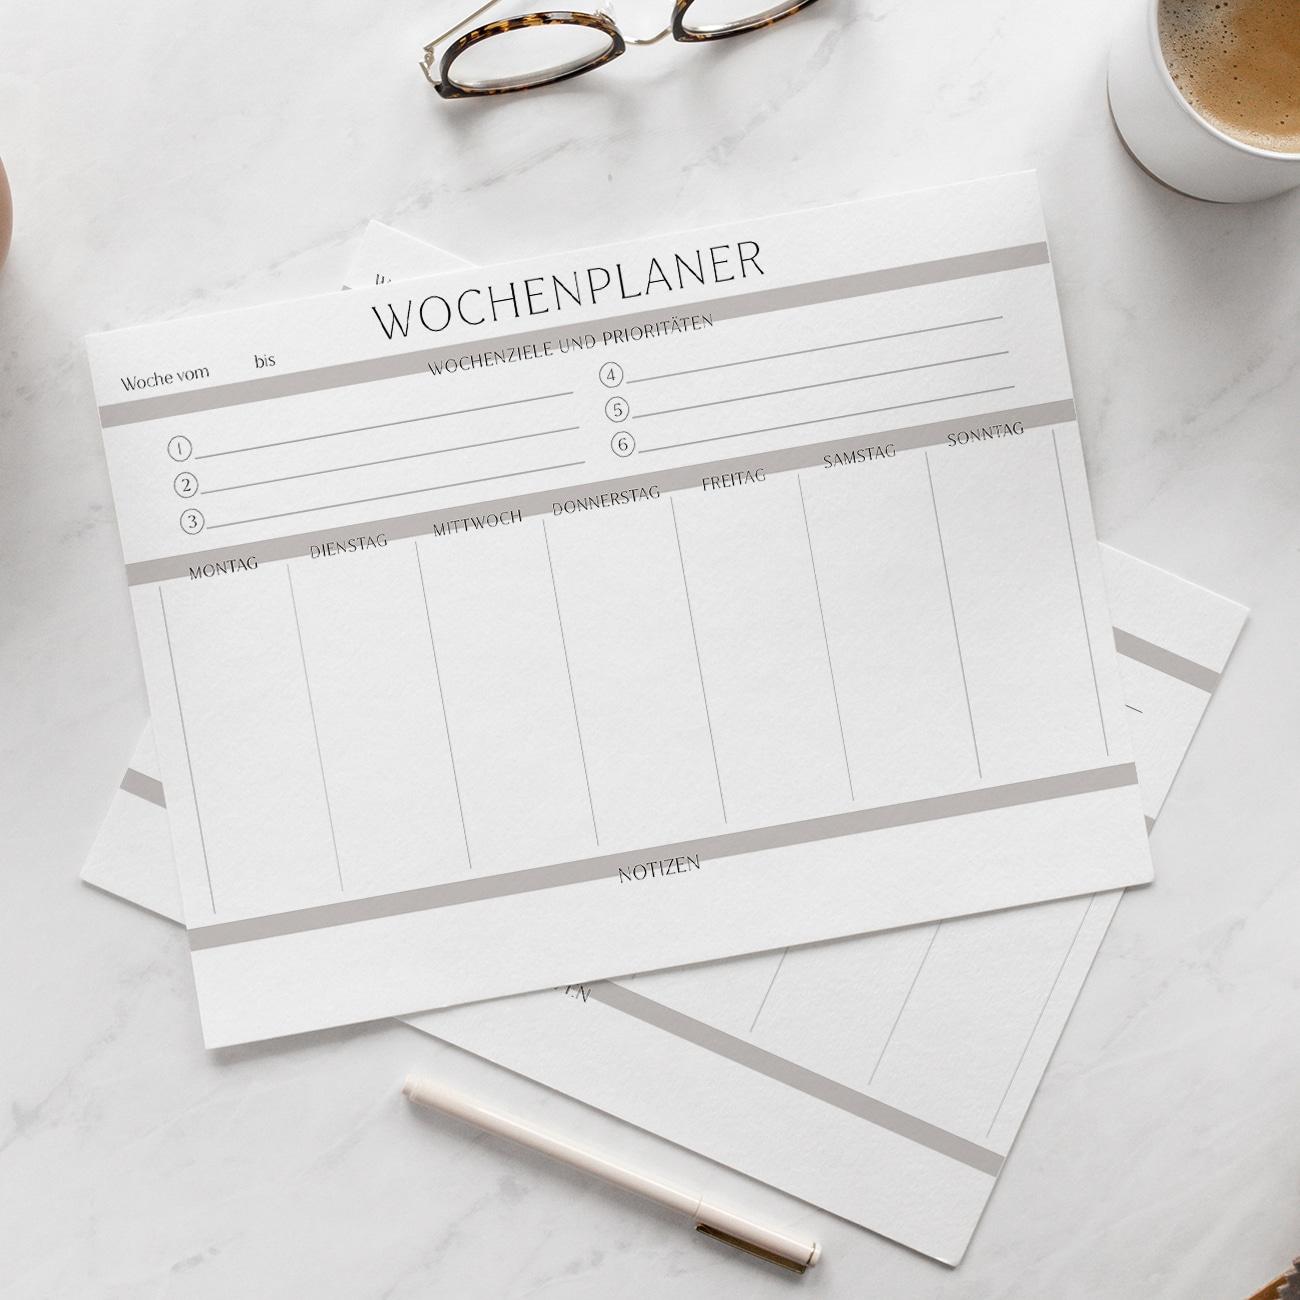 moderne Wochenplan Vorlage zum Ausdrucken ausfüllbar Wochenplaner Wochenkalender